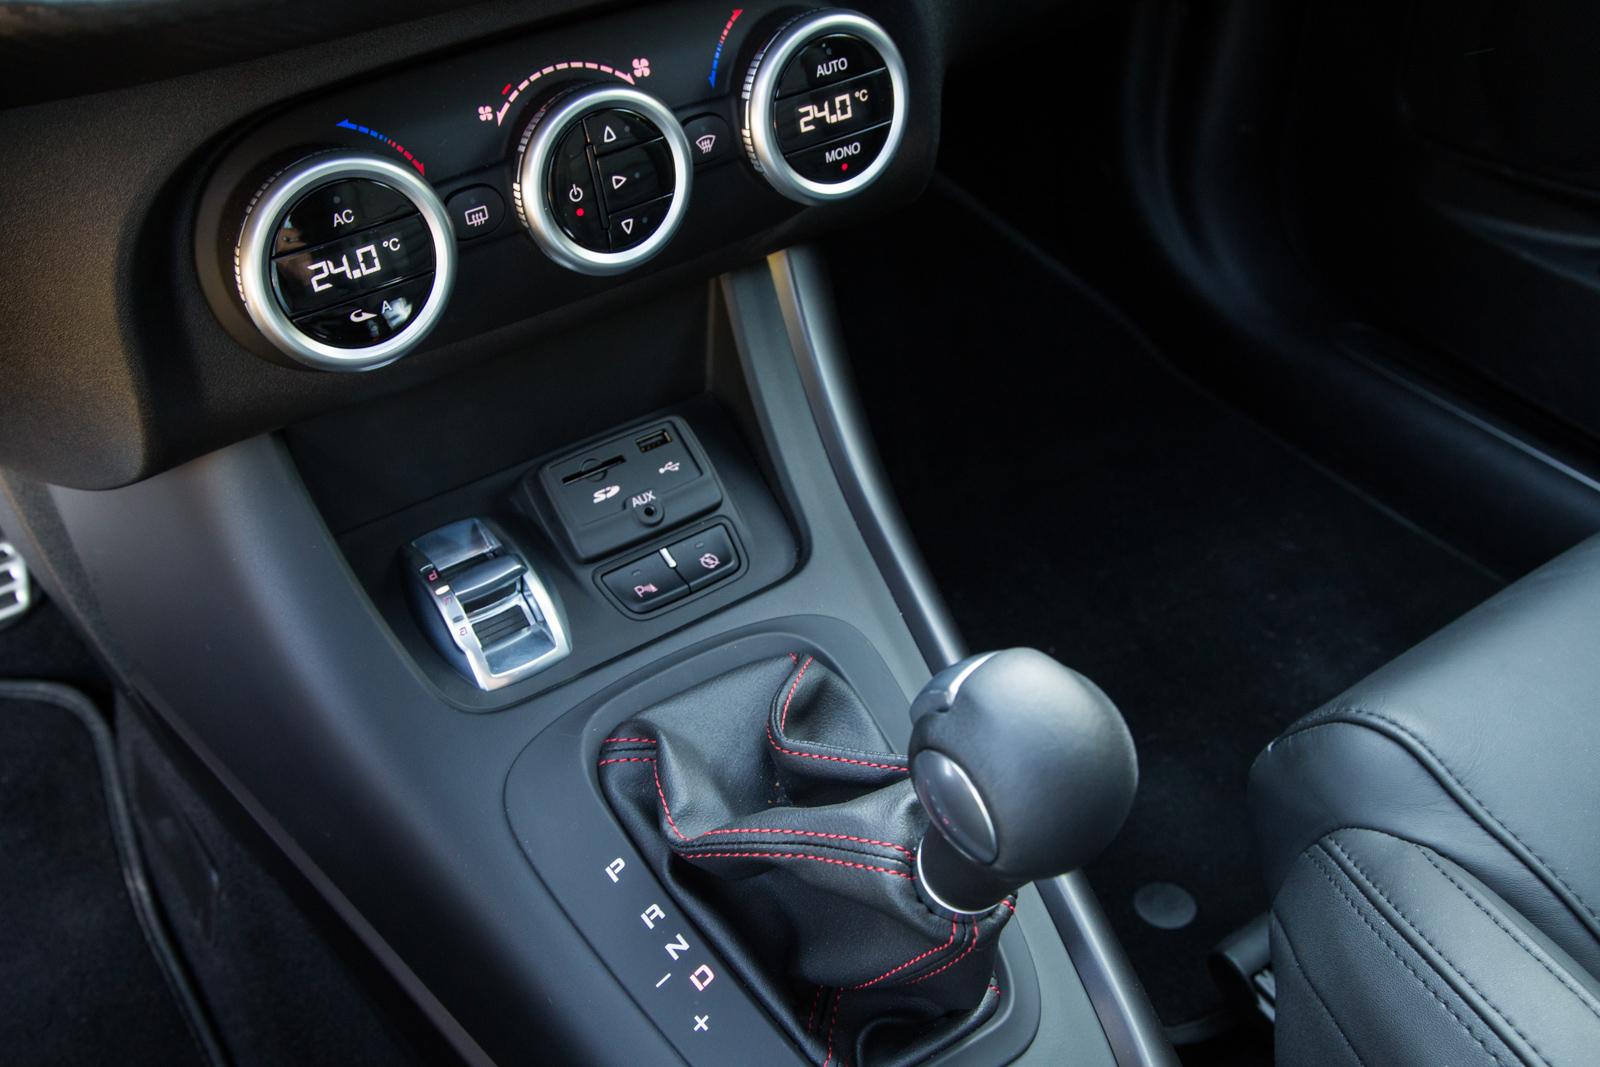 Test_Drive_Alfa_Romeo_Giulietta_TCT_1.6_JTDM-2_41